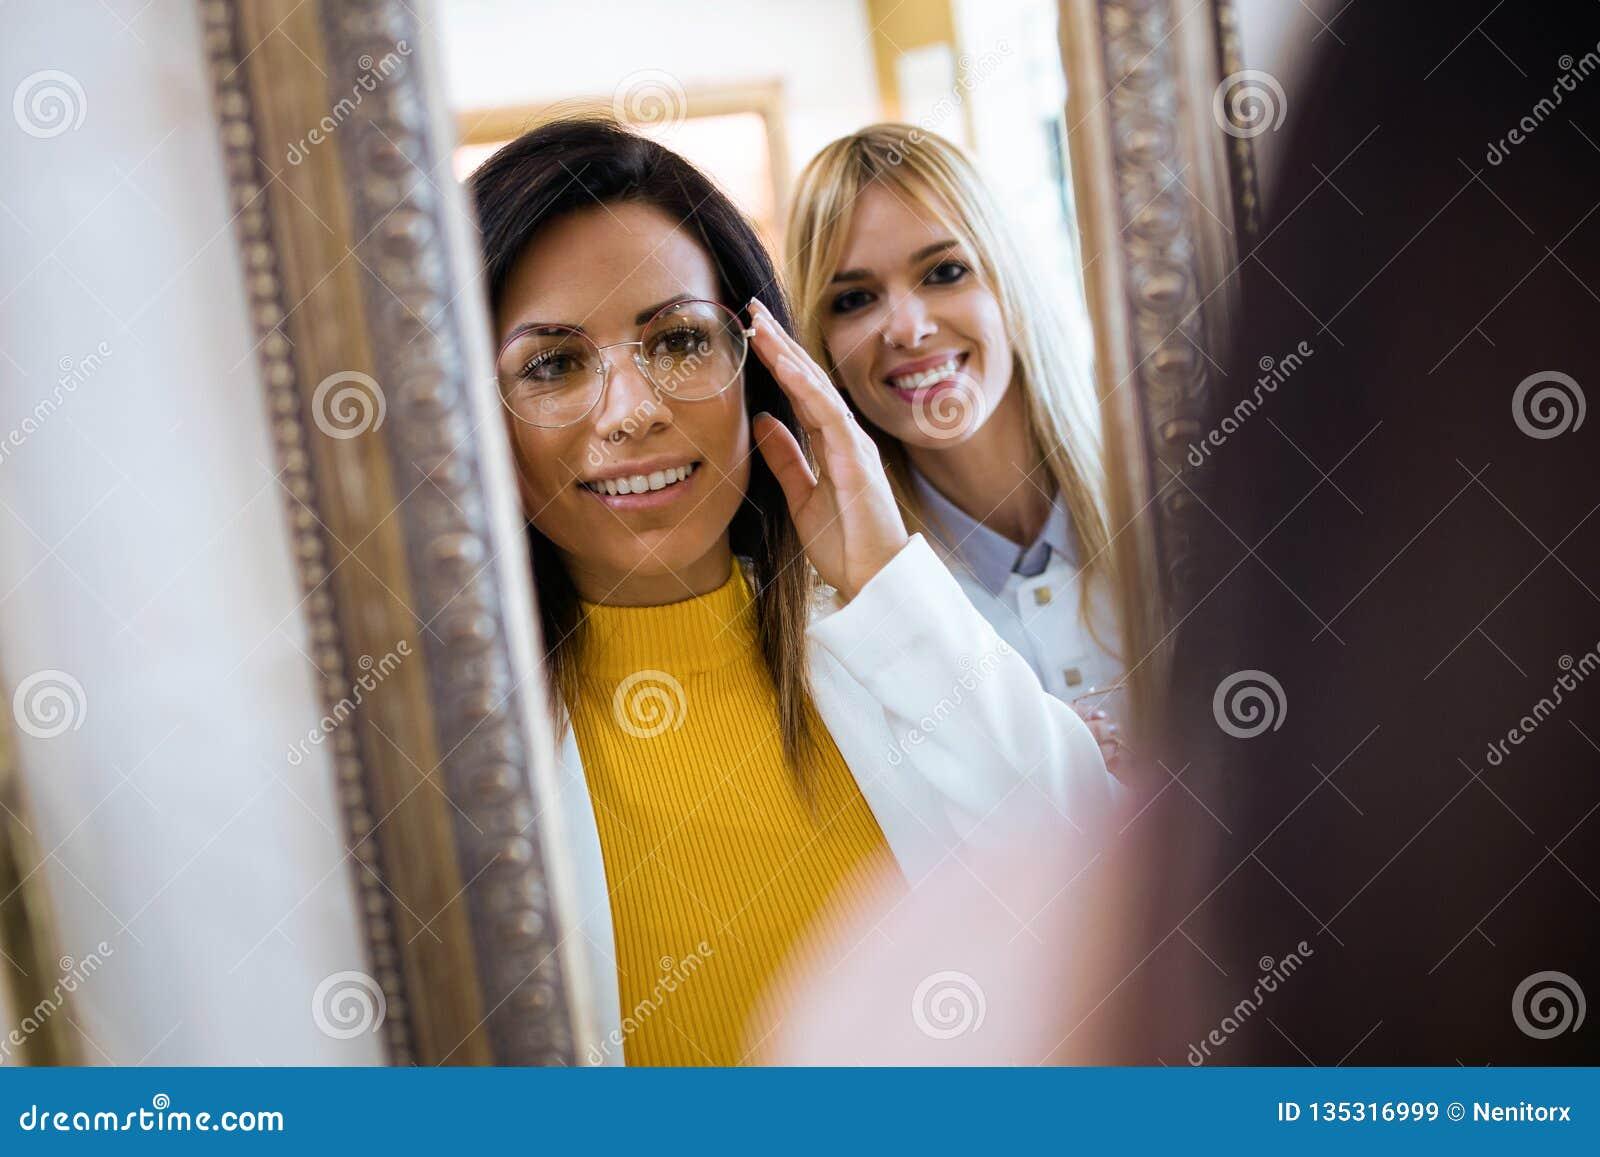 选择镜片和看镜子的愉快的年轻女人,当站立近在视觉商店时的可爱的年轻眼医